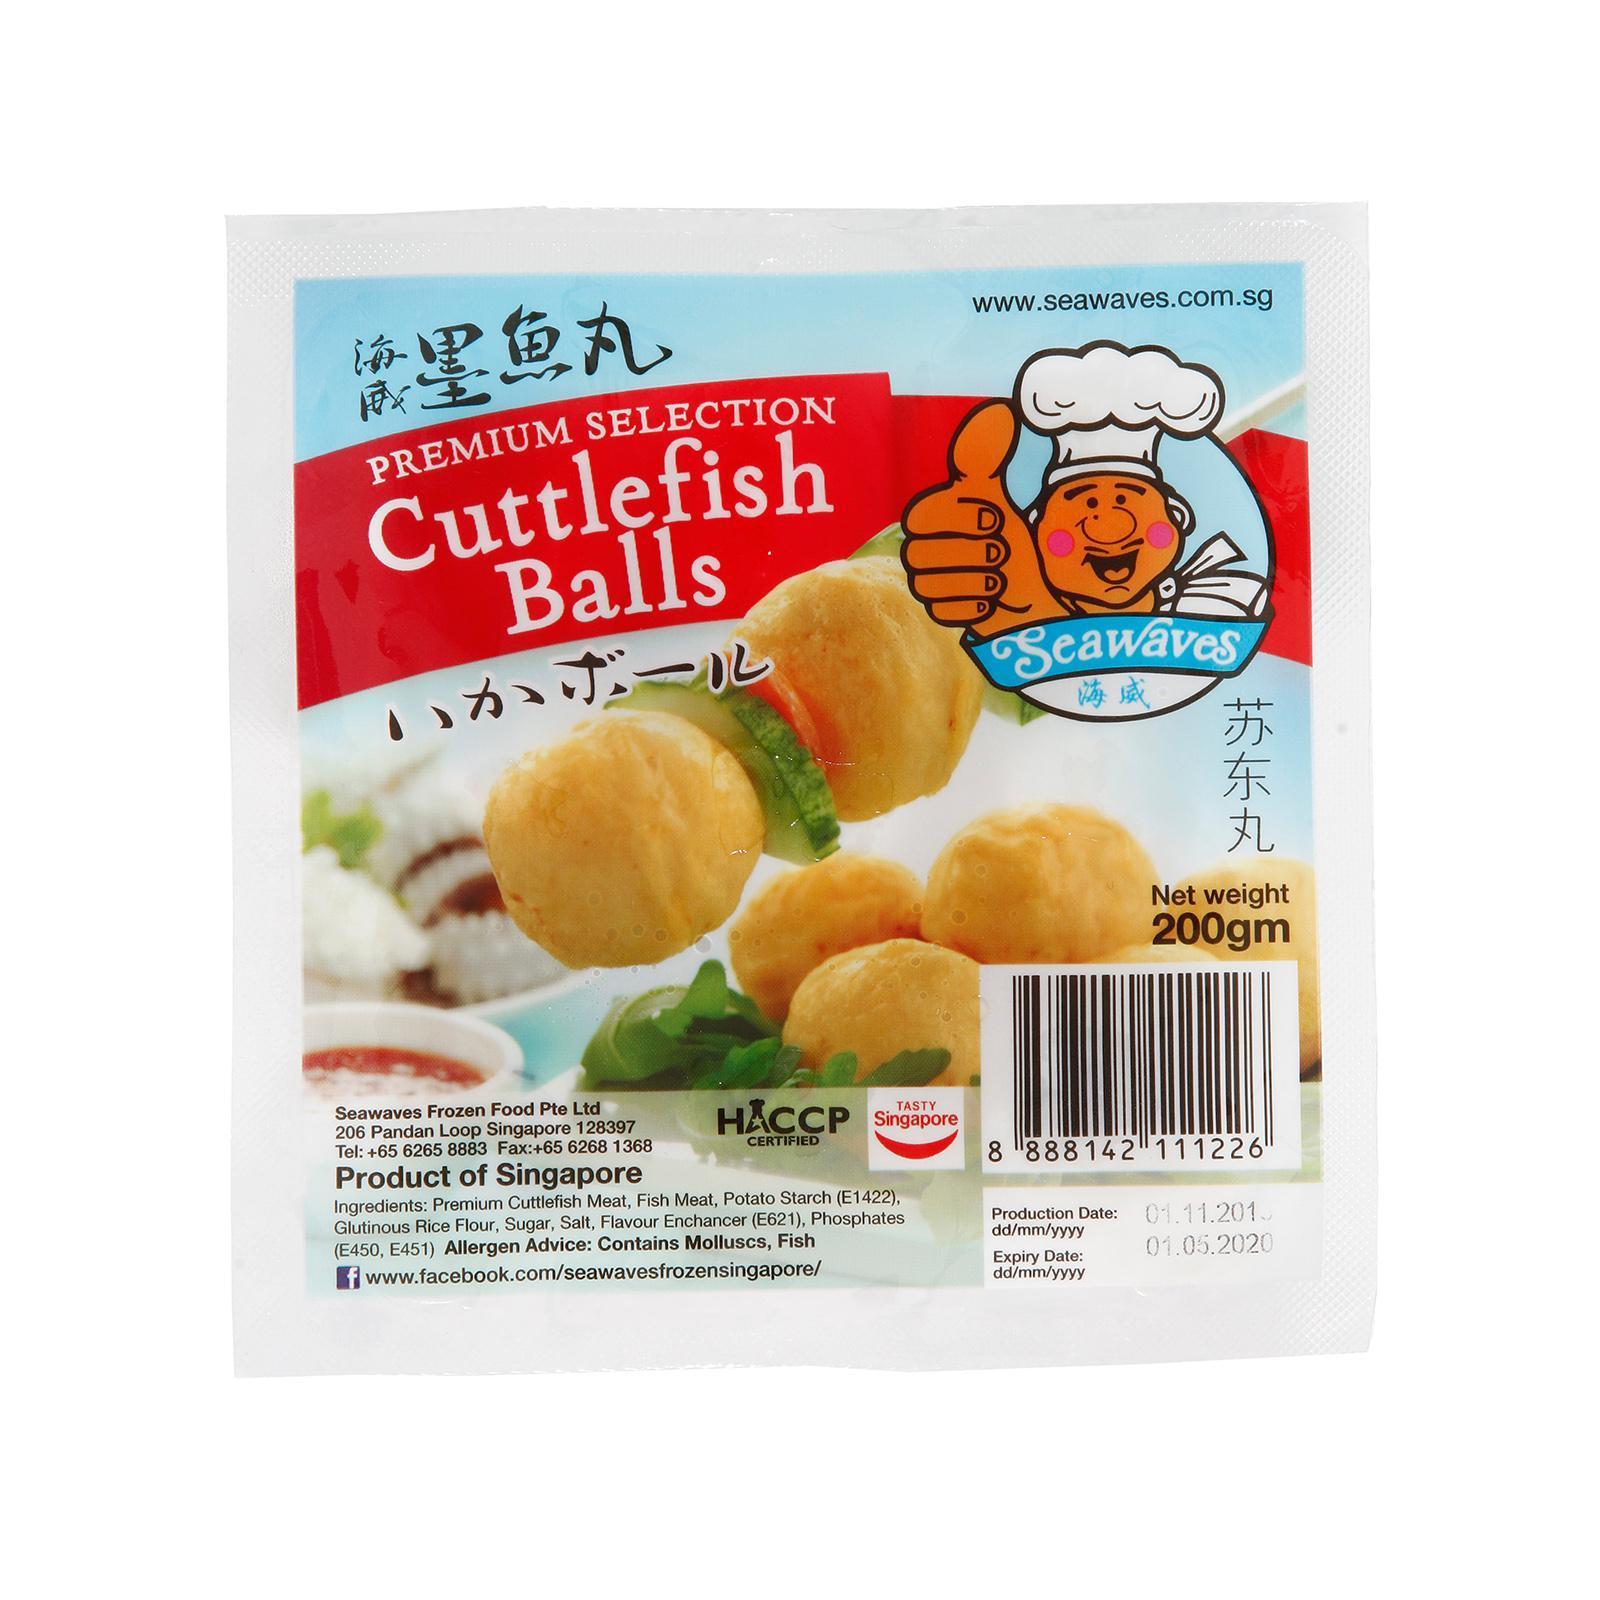 Seawaves Cuttlefish Ball - Frozen